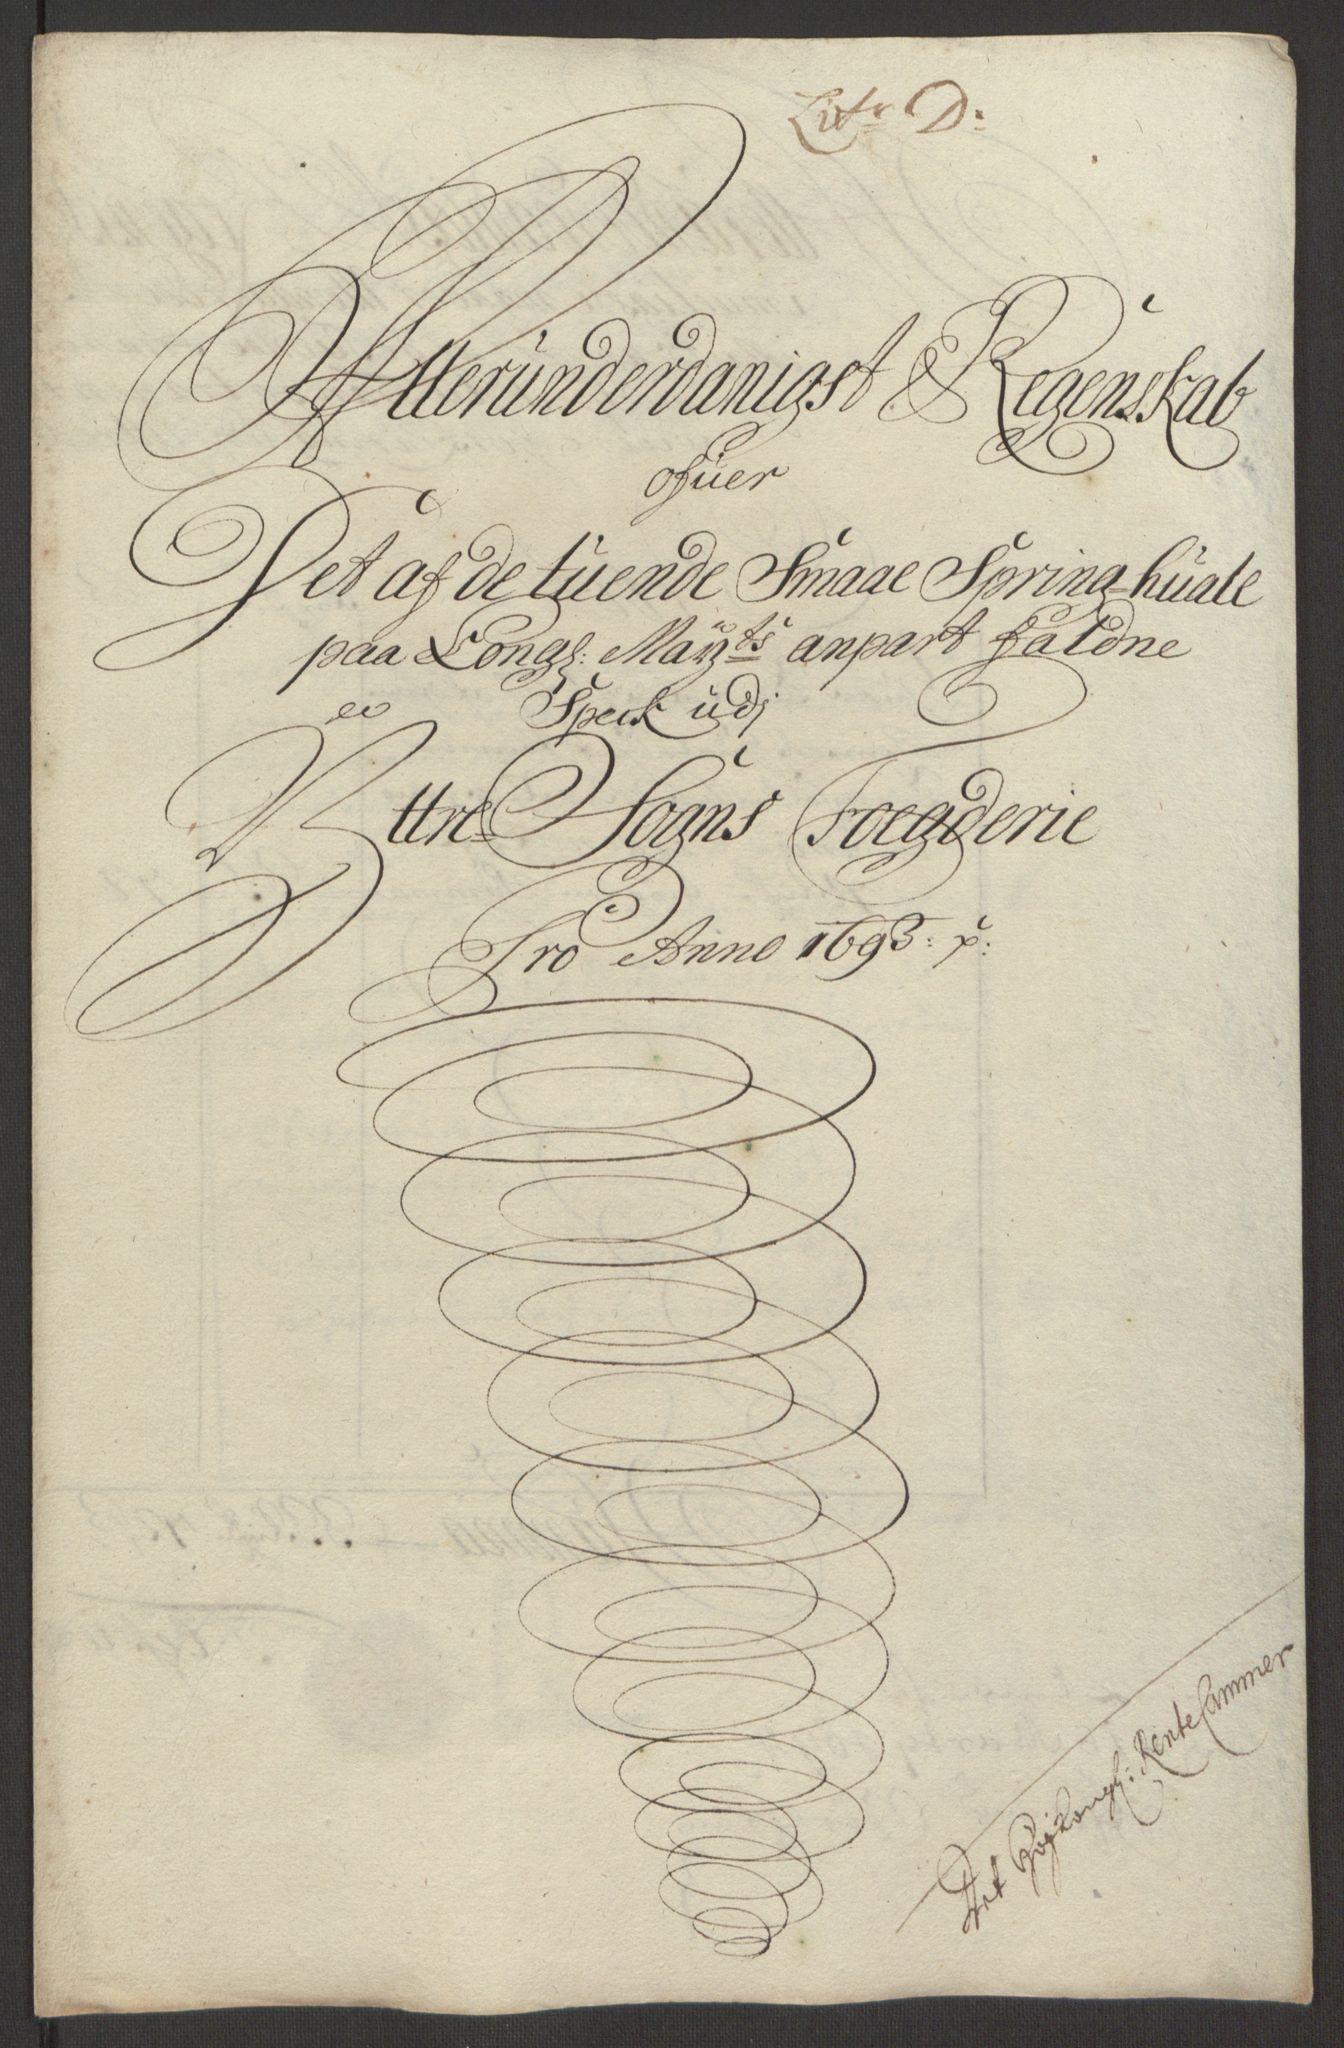 RA, Rentekammeret inntil 1814, Reviderte regnskaper, Fogderegnskap, R52/L3307: Fogderegnskap Sogn, 1693-1694, s. 220